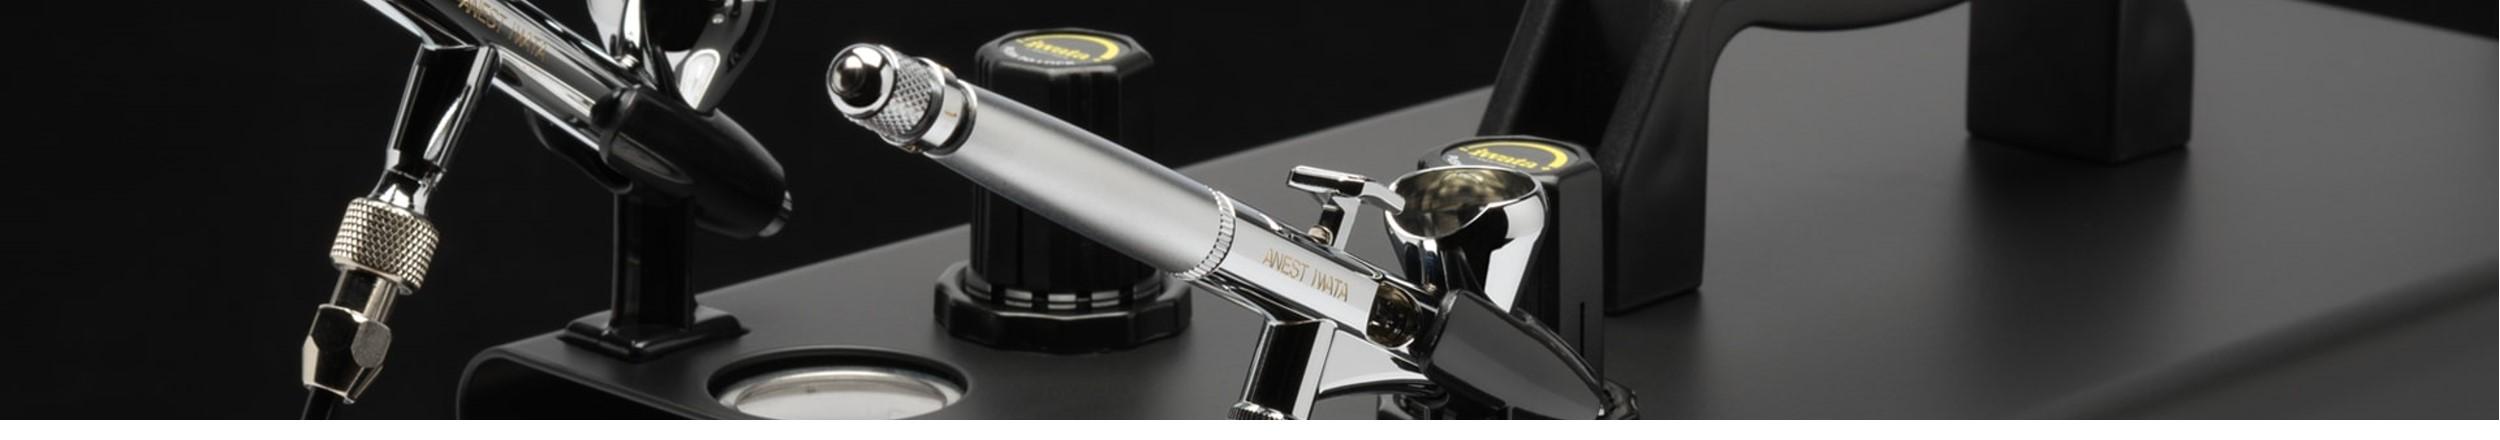 Ölfreie Airbrushkompressoren von Iwata Airbrush